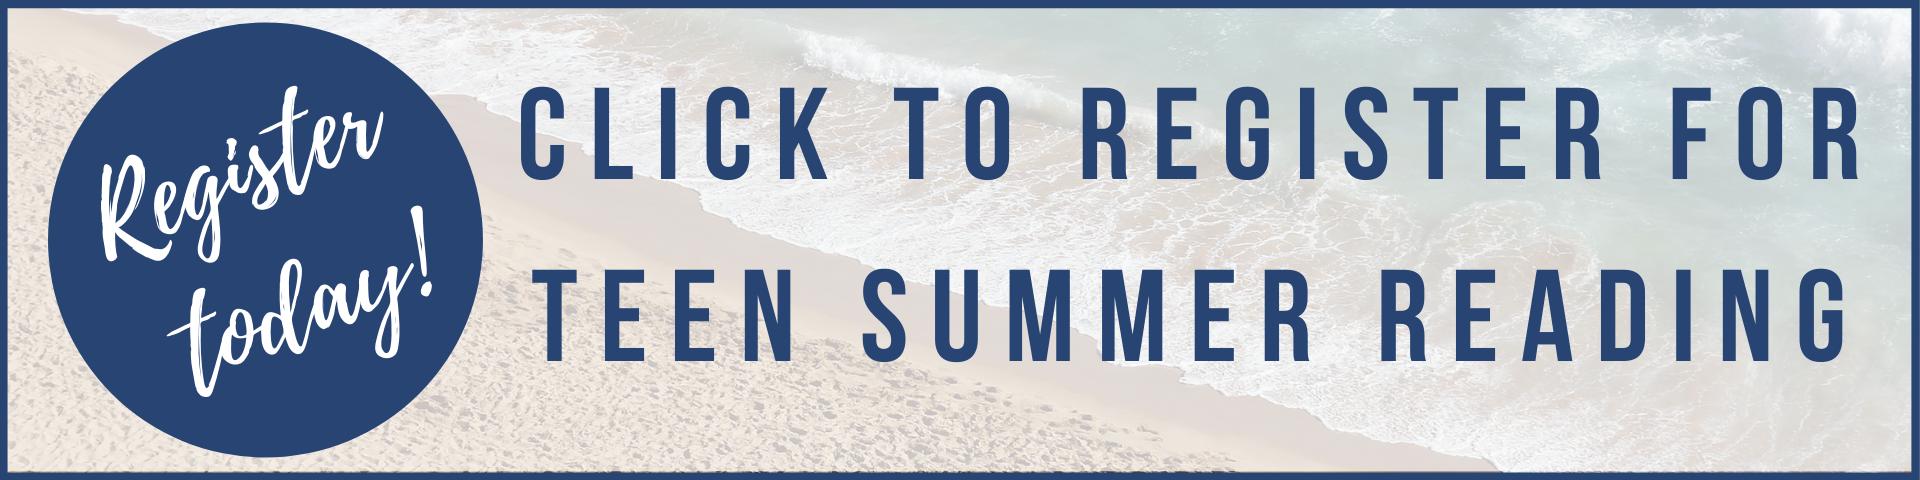 Register for summer reading here